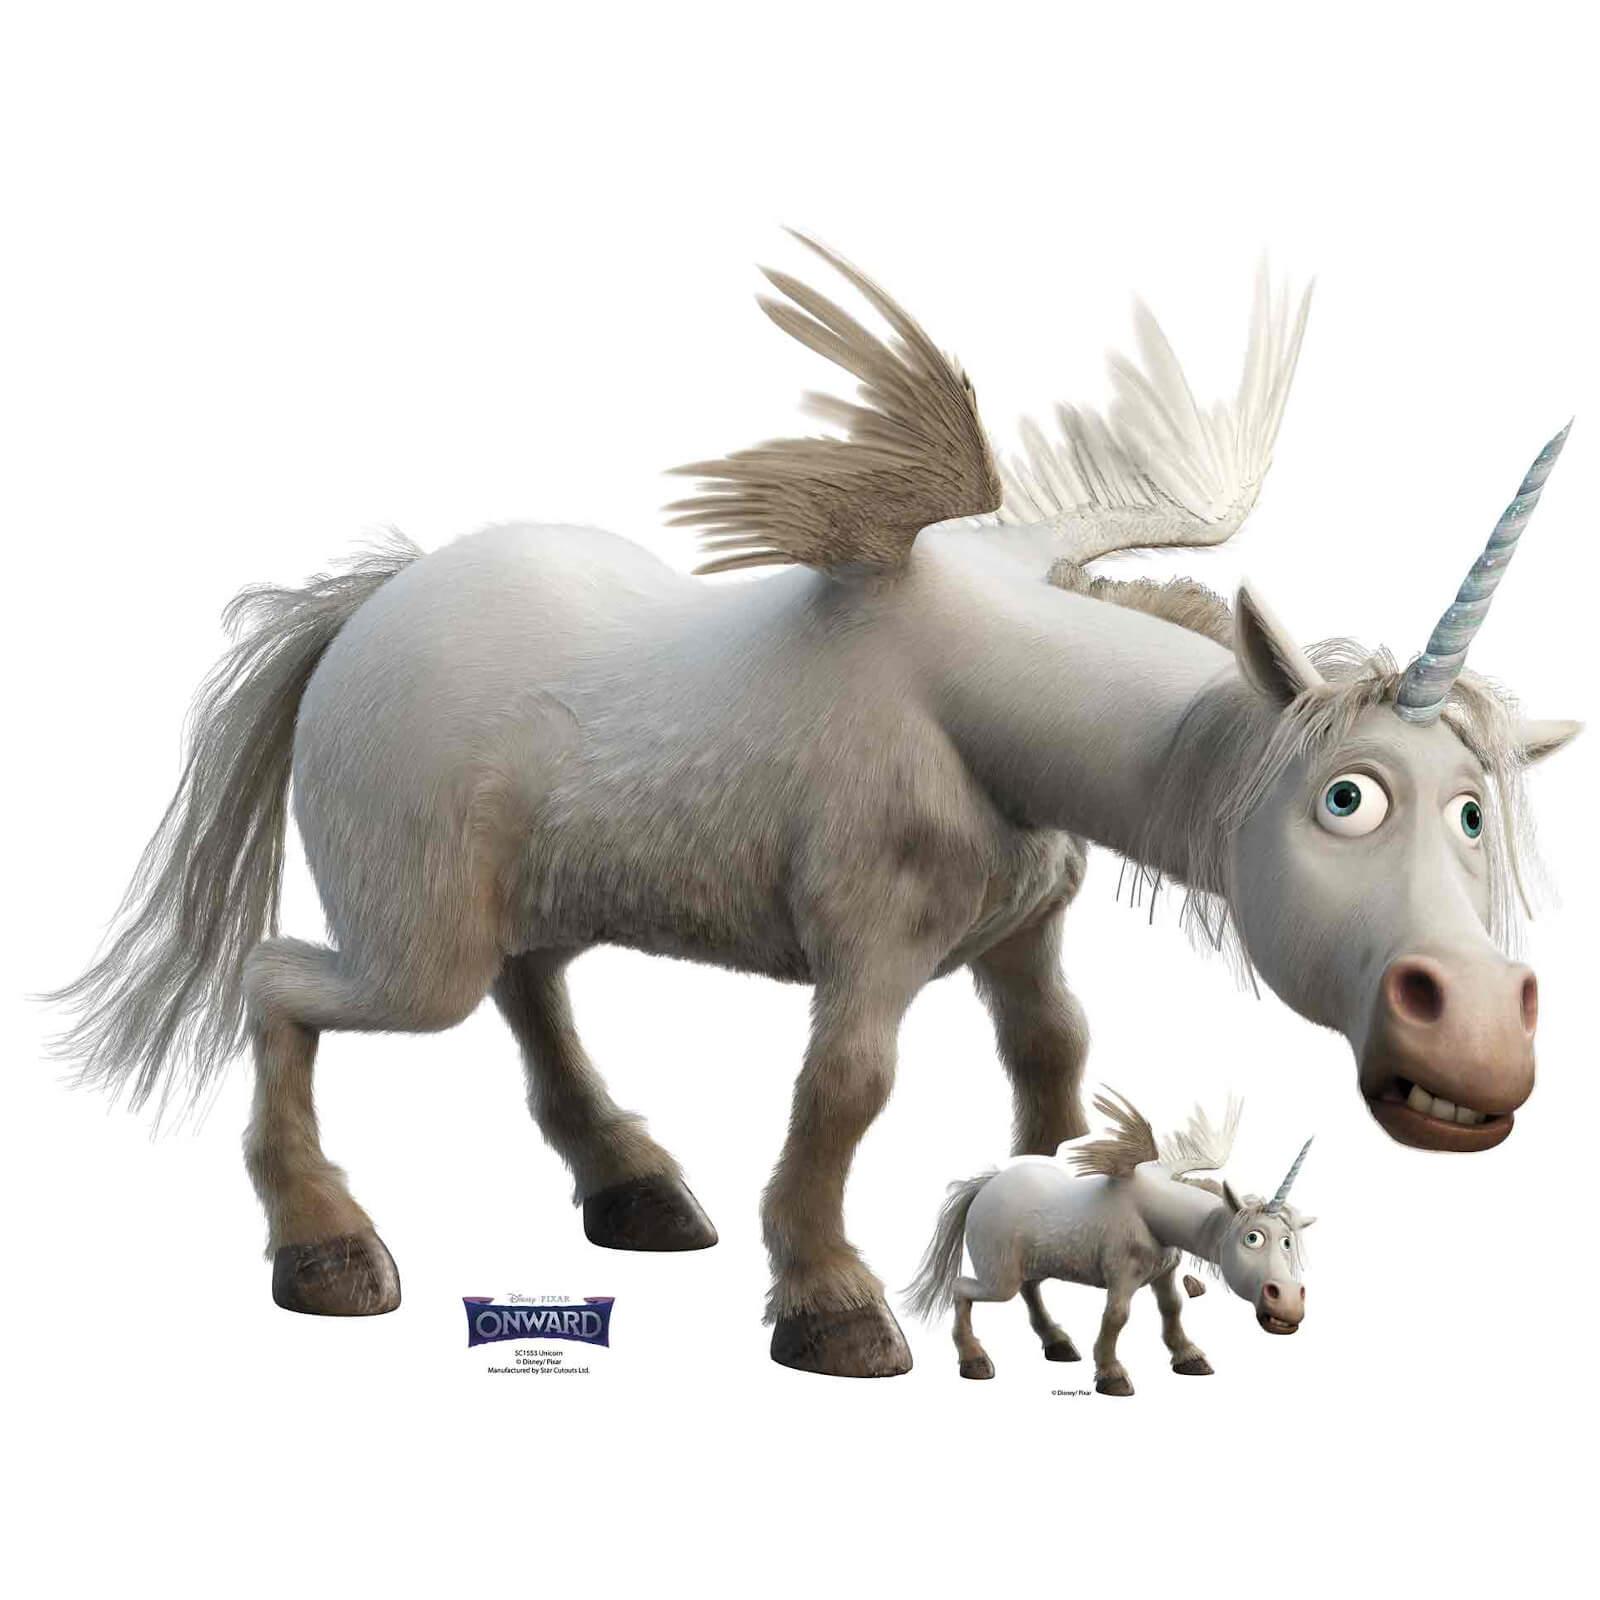 Image of Onward Unicorn Lifesized Cardboard Cut Out